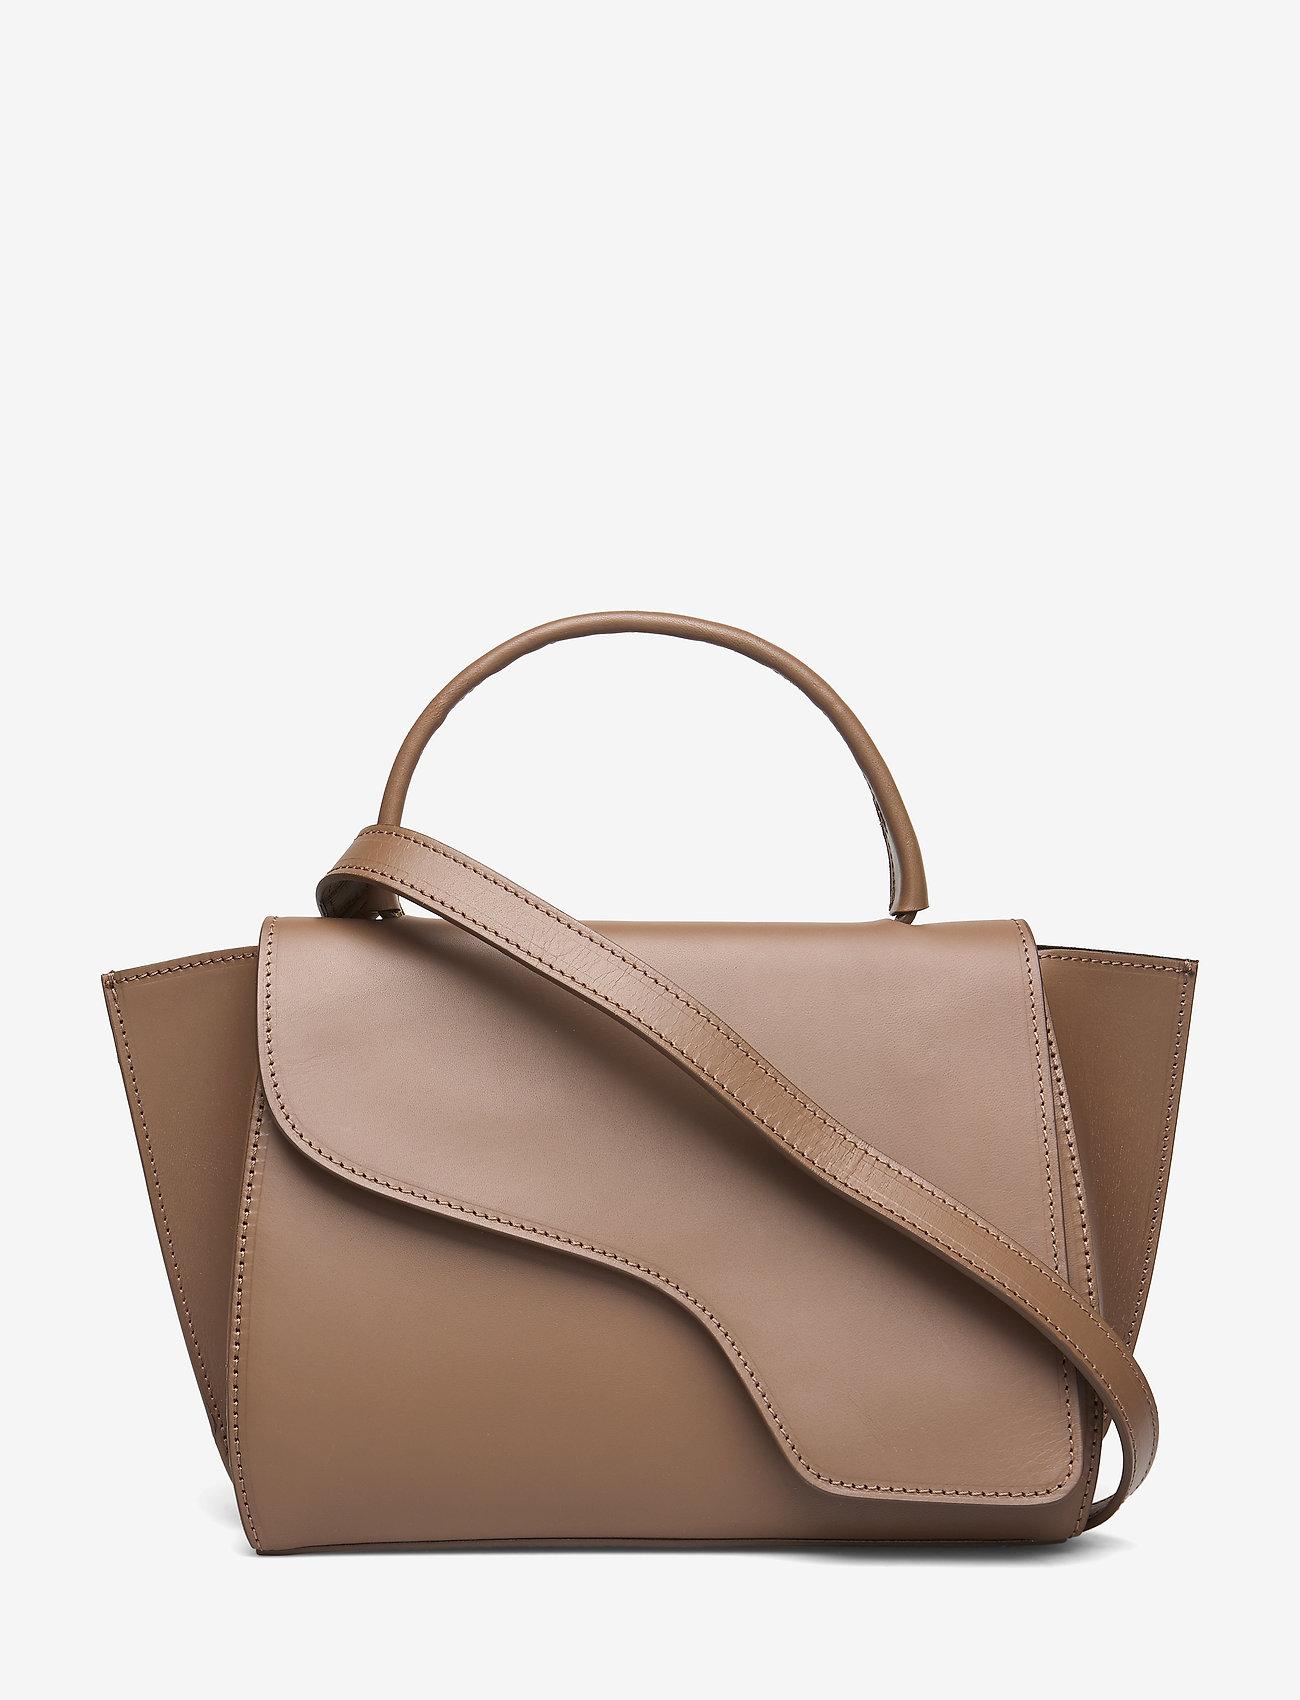 ATP Atelier - Arezzo Khaki Brown Vacchetta - bags - khaki brown - 0